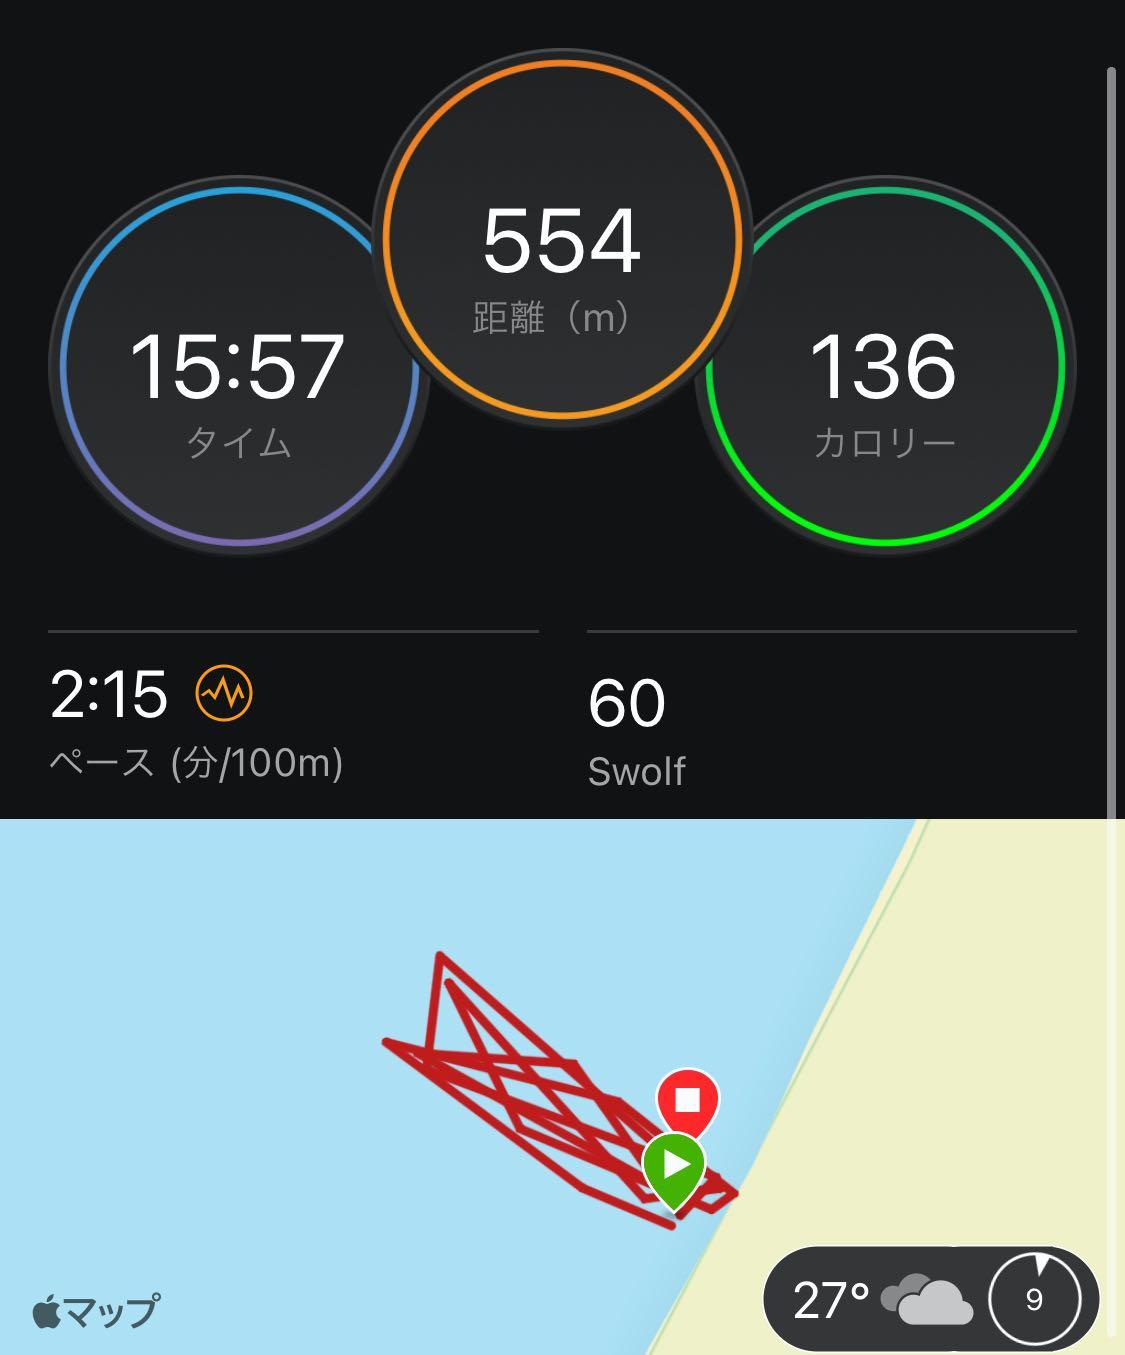 二色の浜 ランニングとOWS練習会 リレー 距離 時間